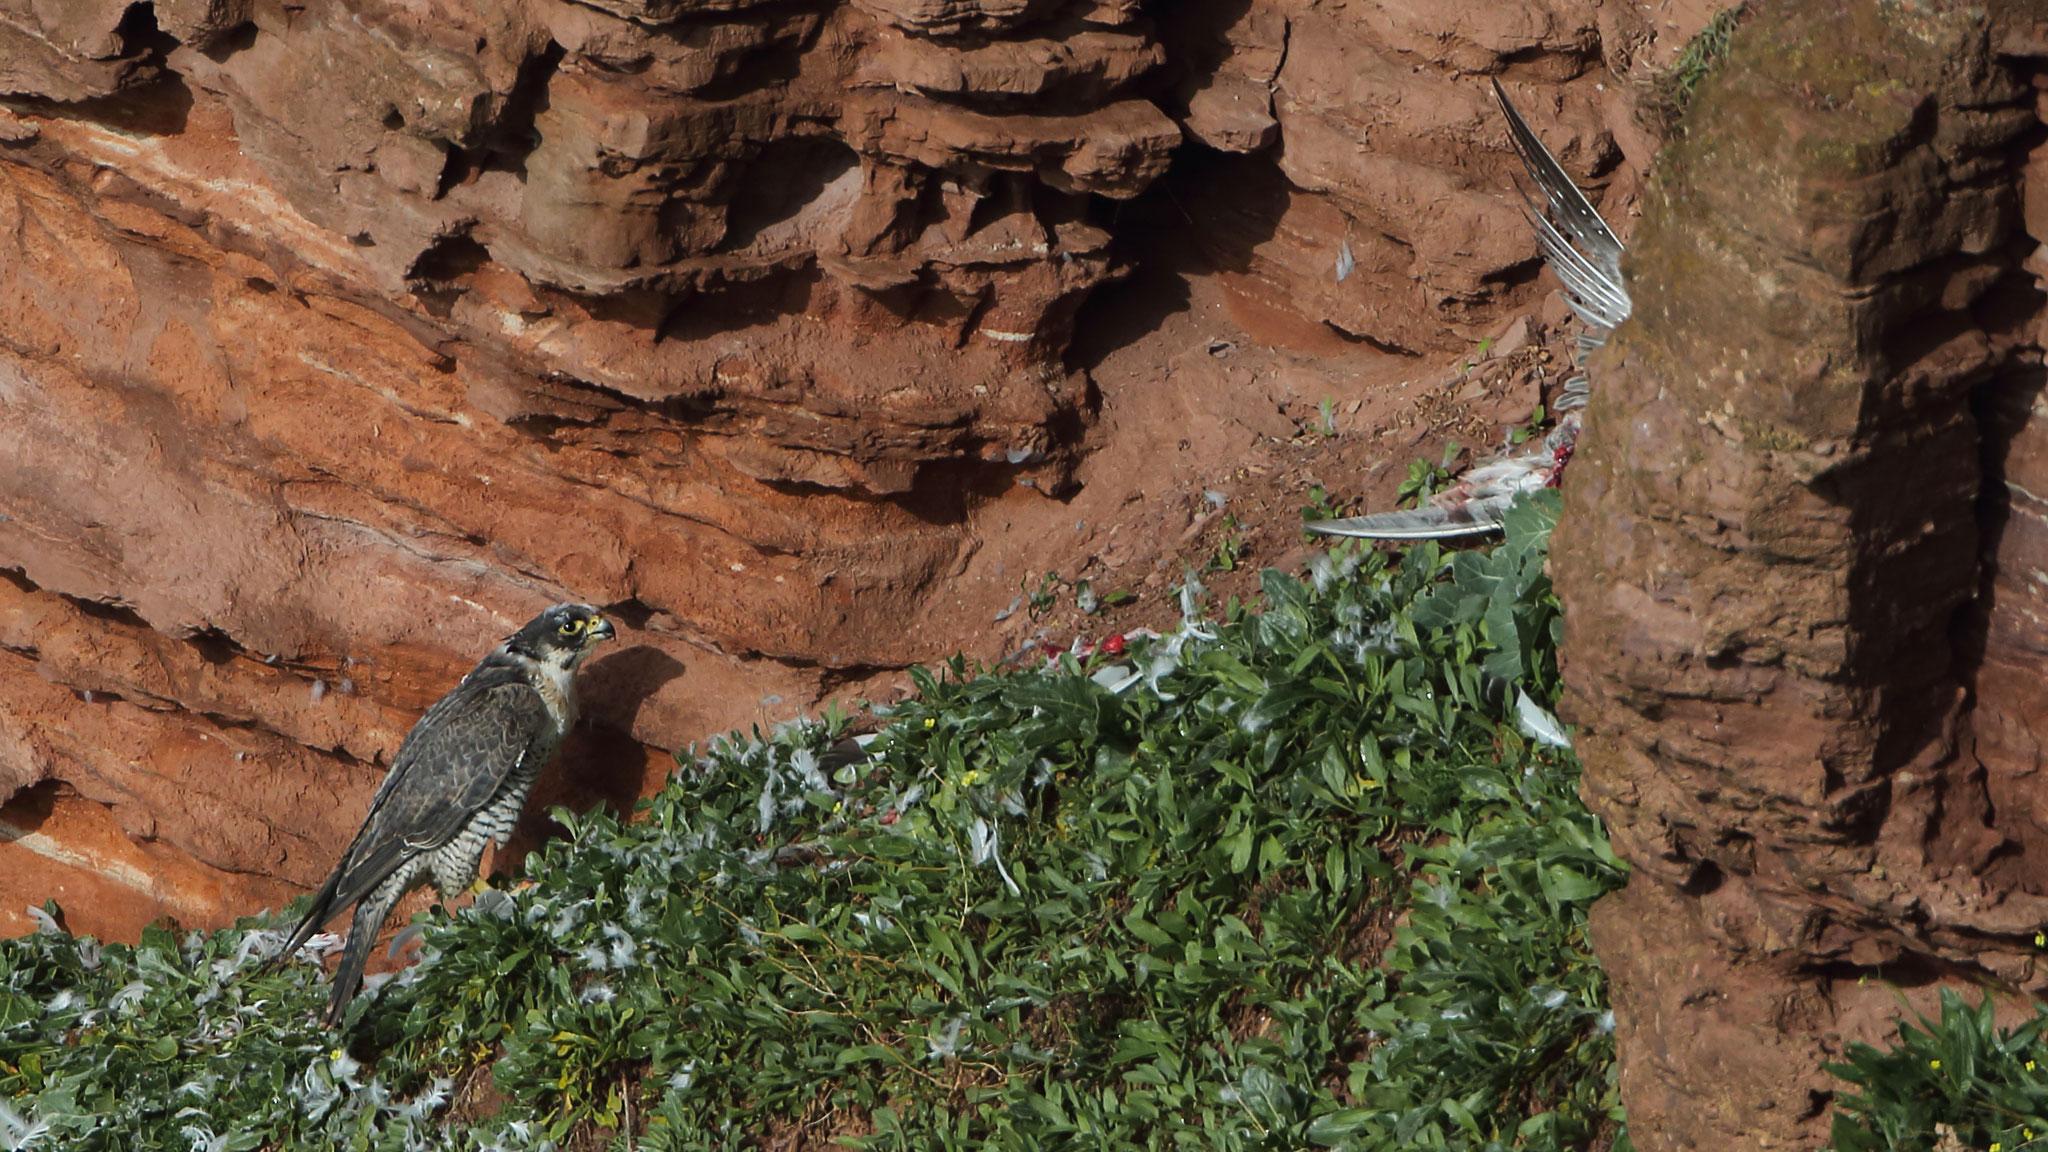 Nach der Mahlzeit versteckt er den Rest seiner Beute hinter einem Felsvorsprung